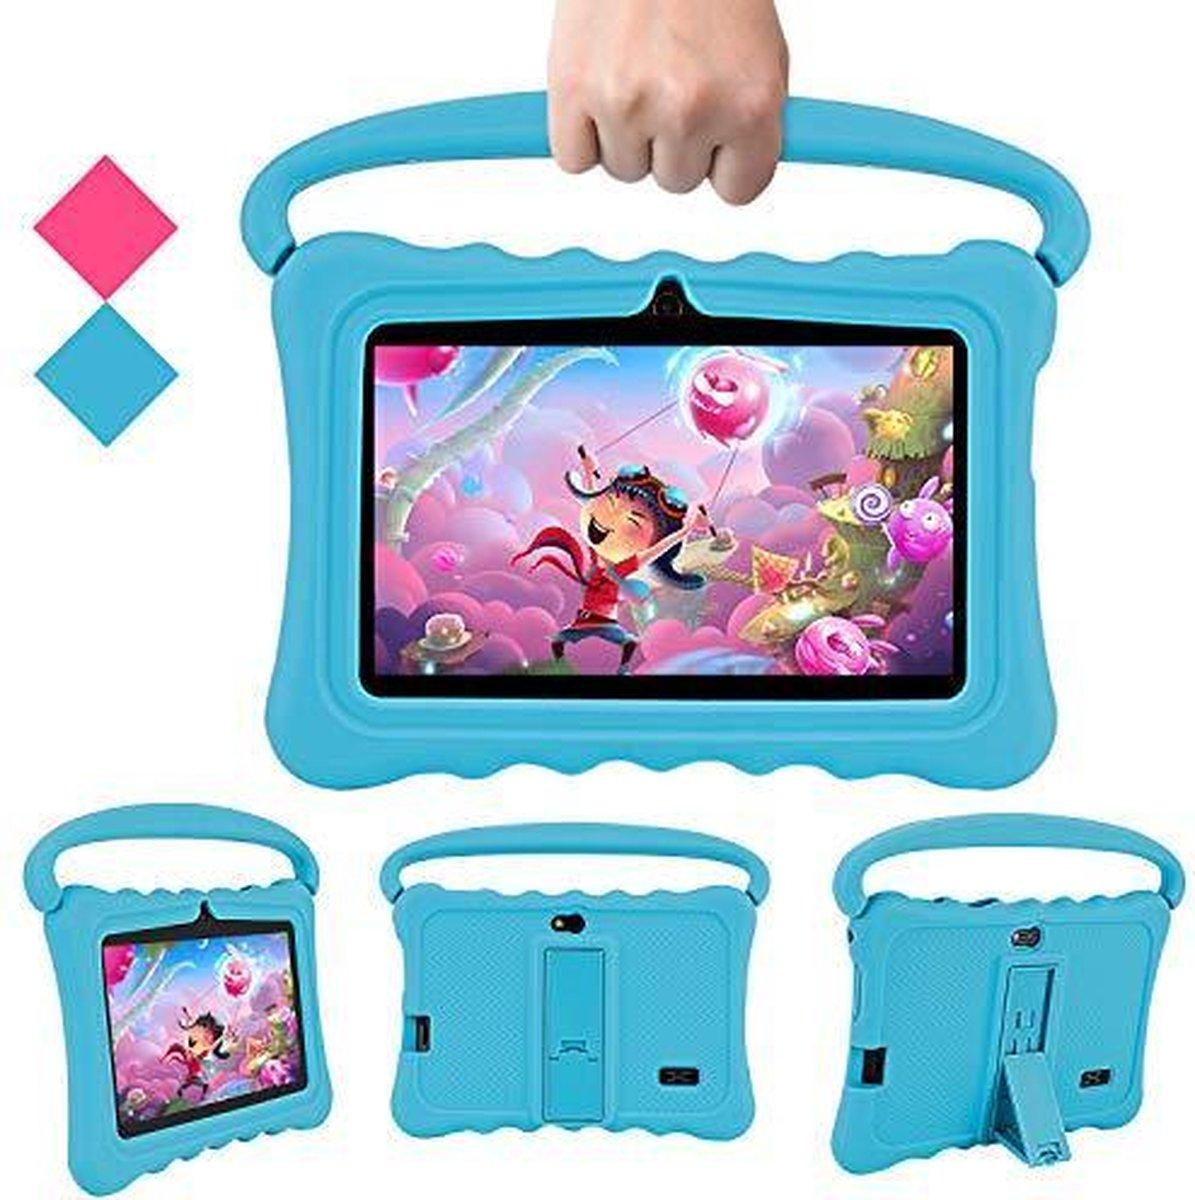 Lipa Veidoo kinder tablet Blue 7 inch - Met spellen software - Play store - Ouder bescherming - Speciaal IPS scherm met bescherming ogen - Met bumper